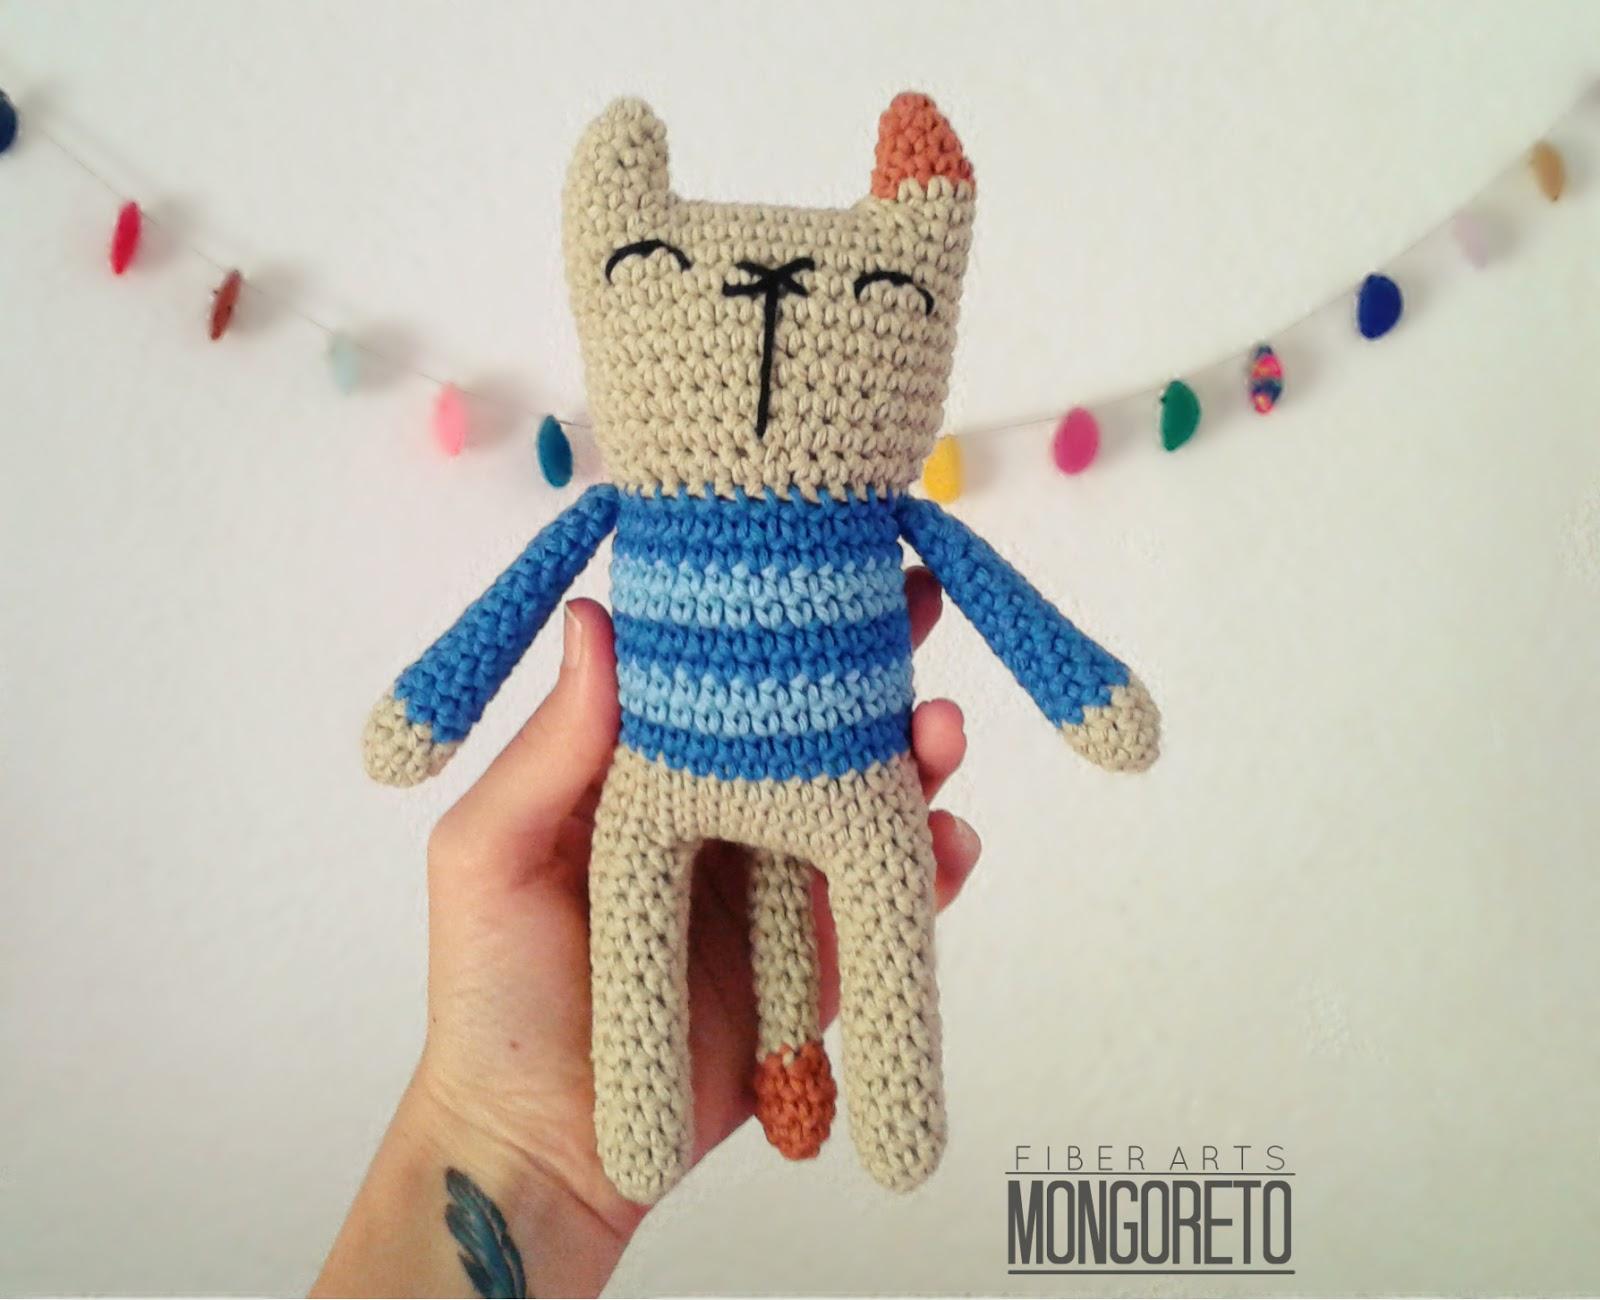 Mongoreto: Gato amigurumi